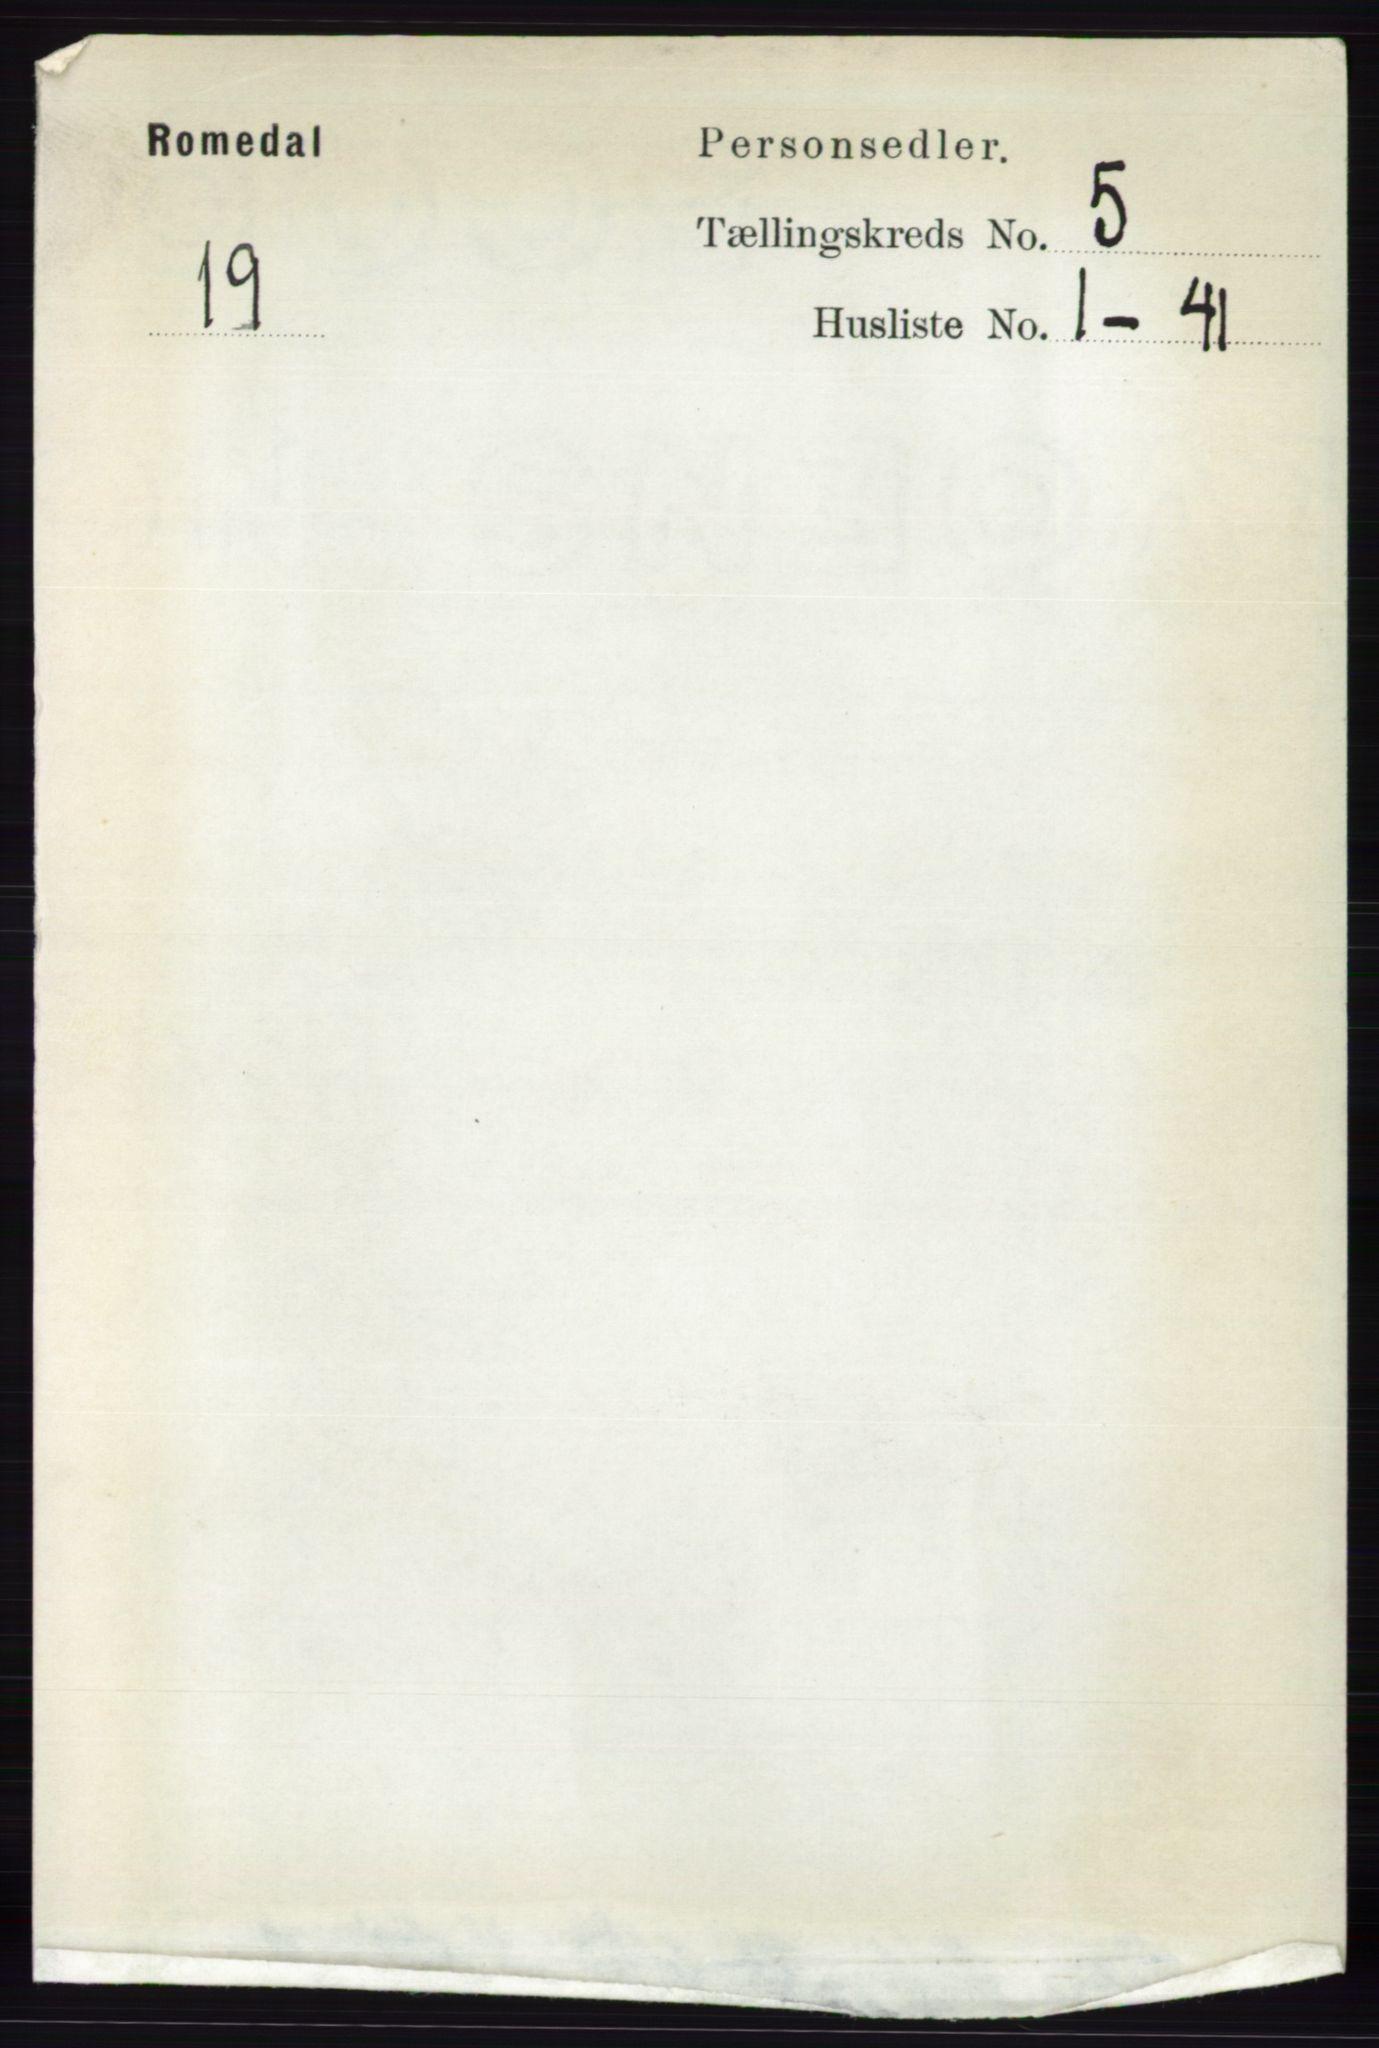 RA, Folketelling 1891 for 0416 Romedal herred, 1891, s. 2464